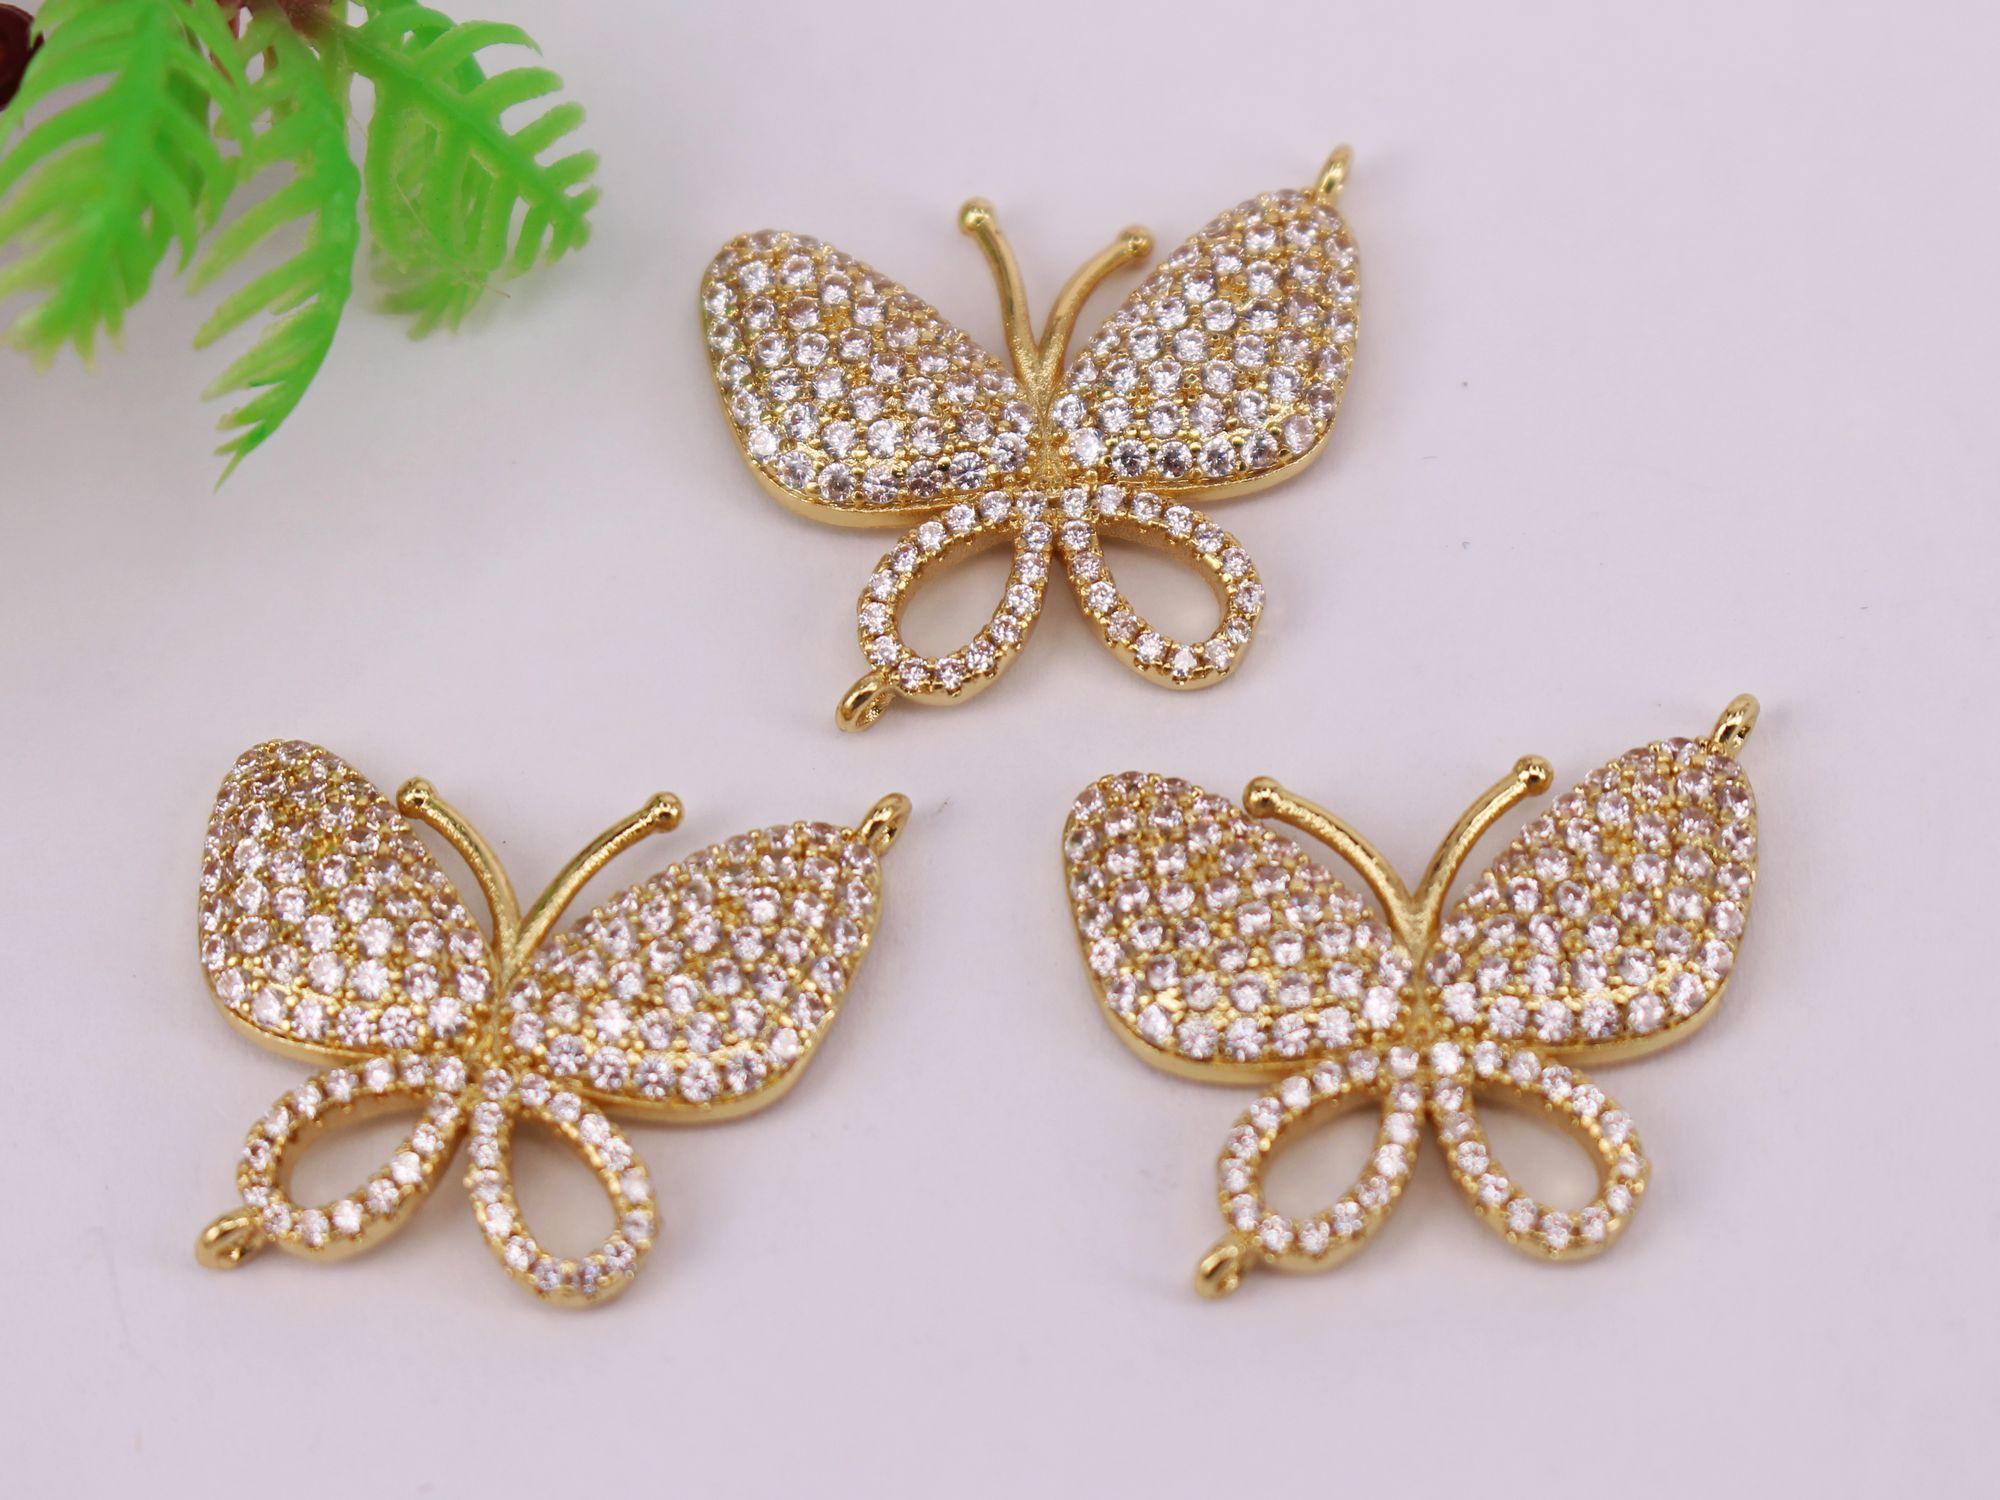 CALIENTE 10Pcs 21x25mm chapado en oro / perlas de circón conector colgante / pulsera / collar de joyas, la forma de la mariposa de metal del cobre blanca CZ